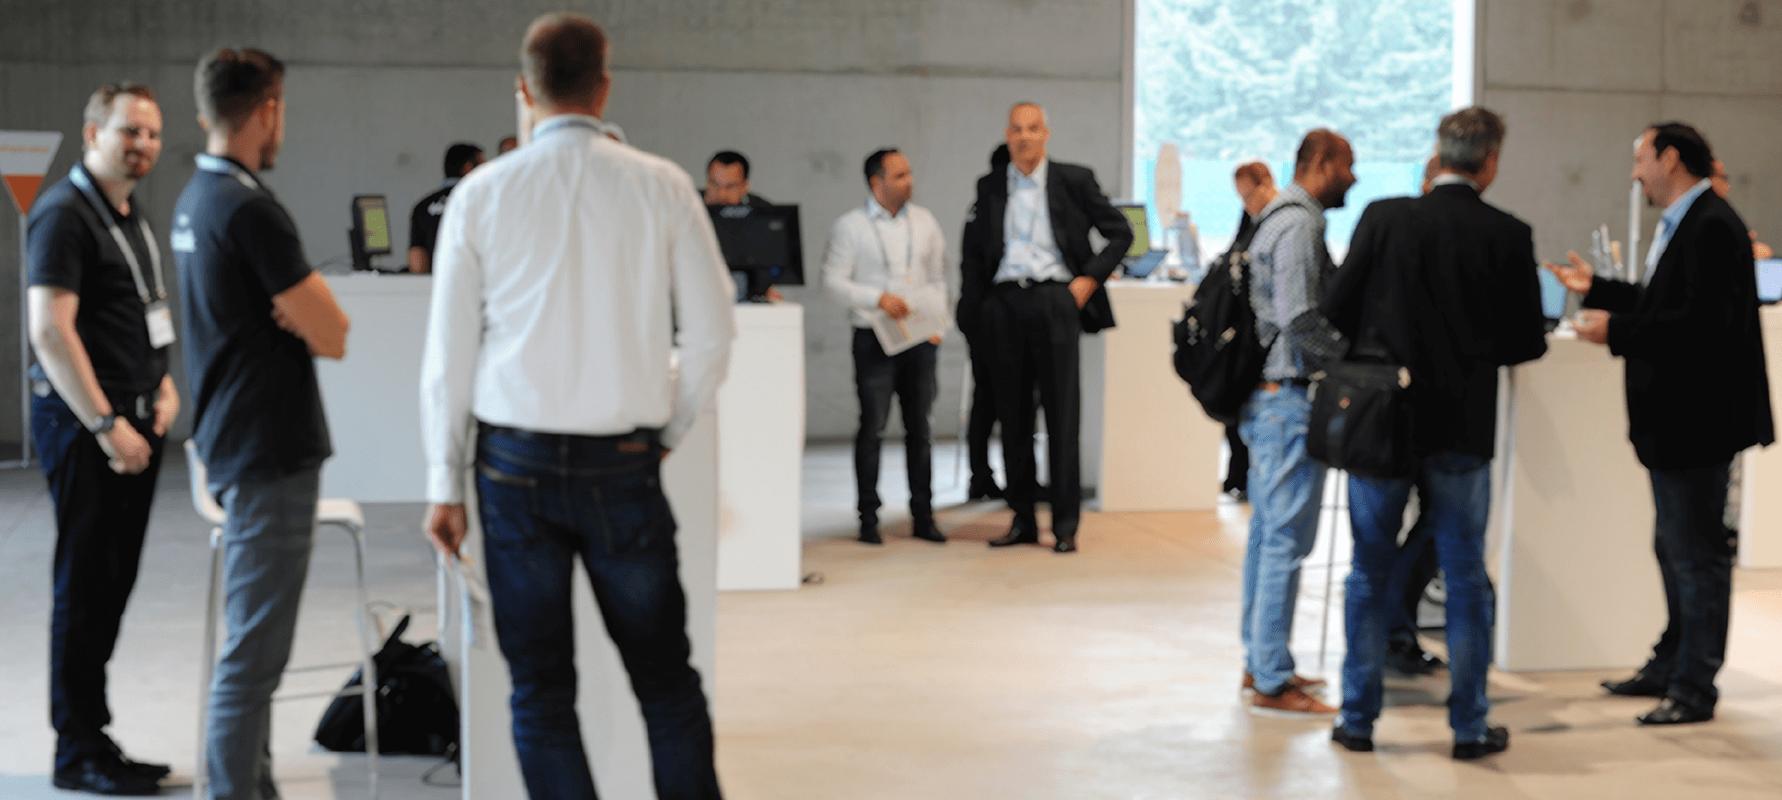 #datatalk congress 2017 Ausstellungsraum Sanaa Gebäude